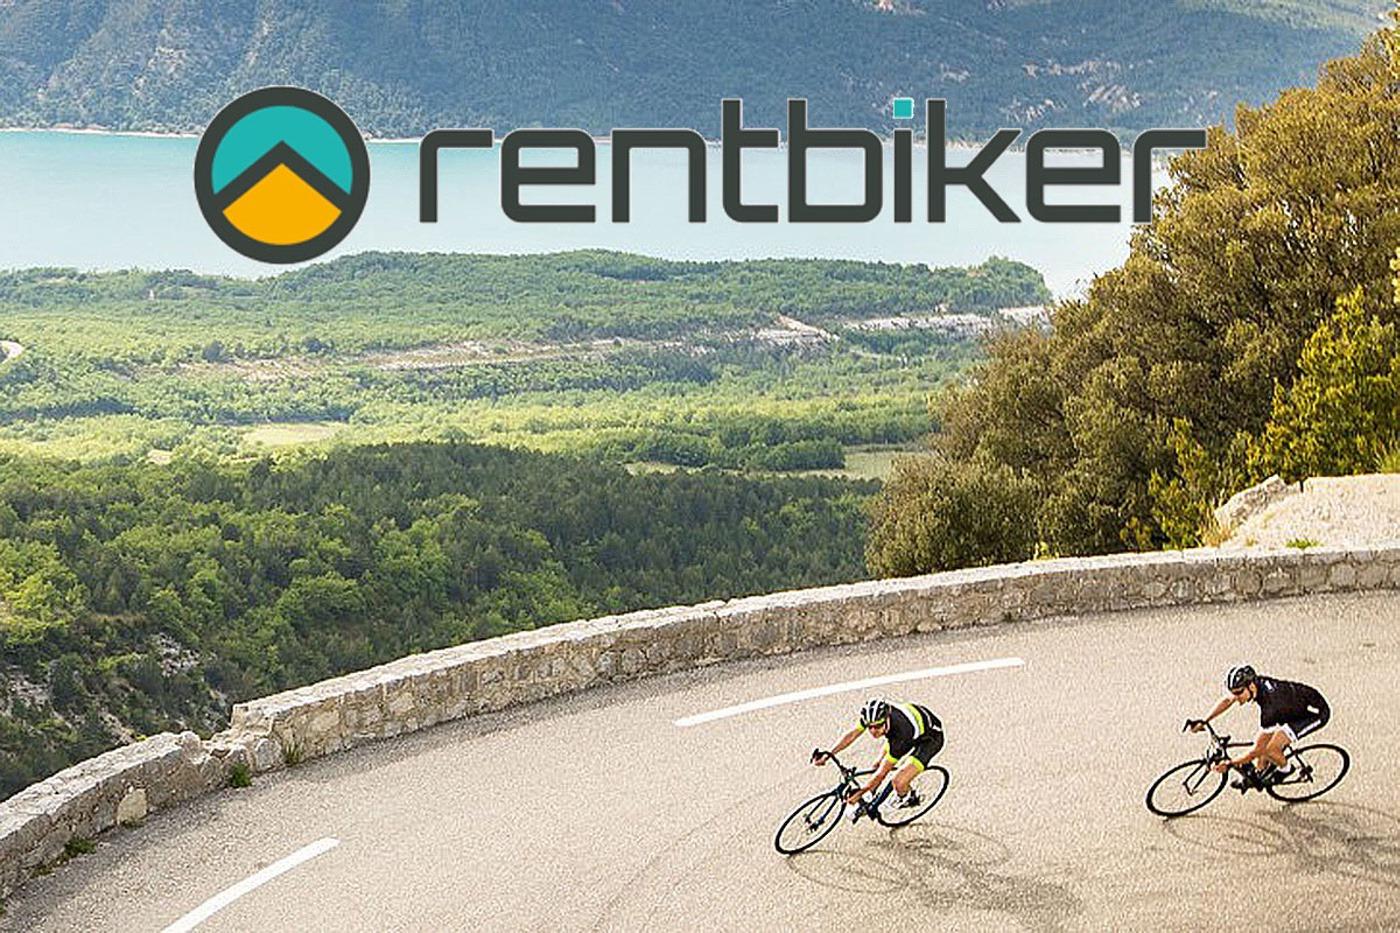 Rentbiker, alquiler de bicicletas a través de tiendas